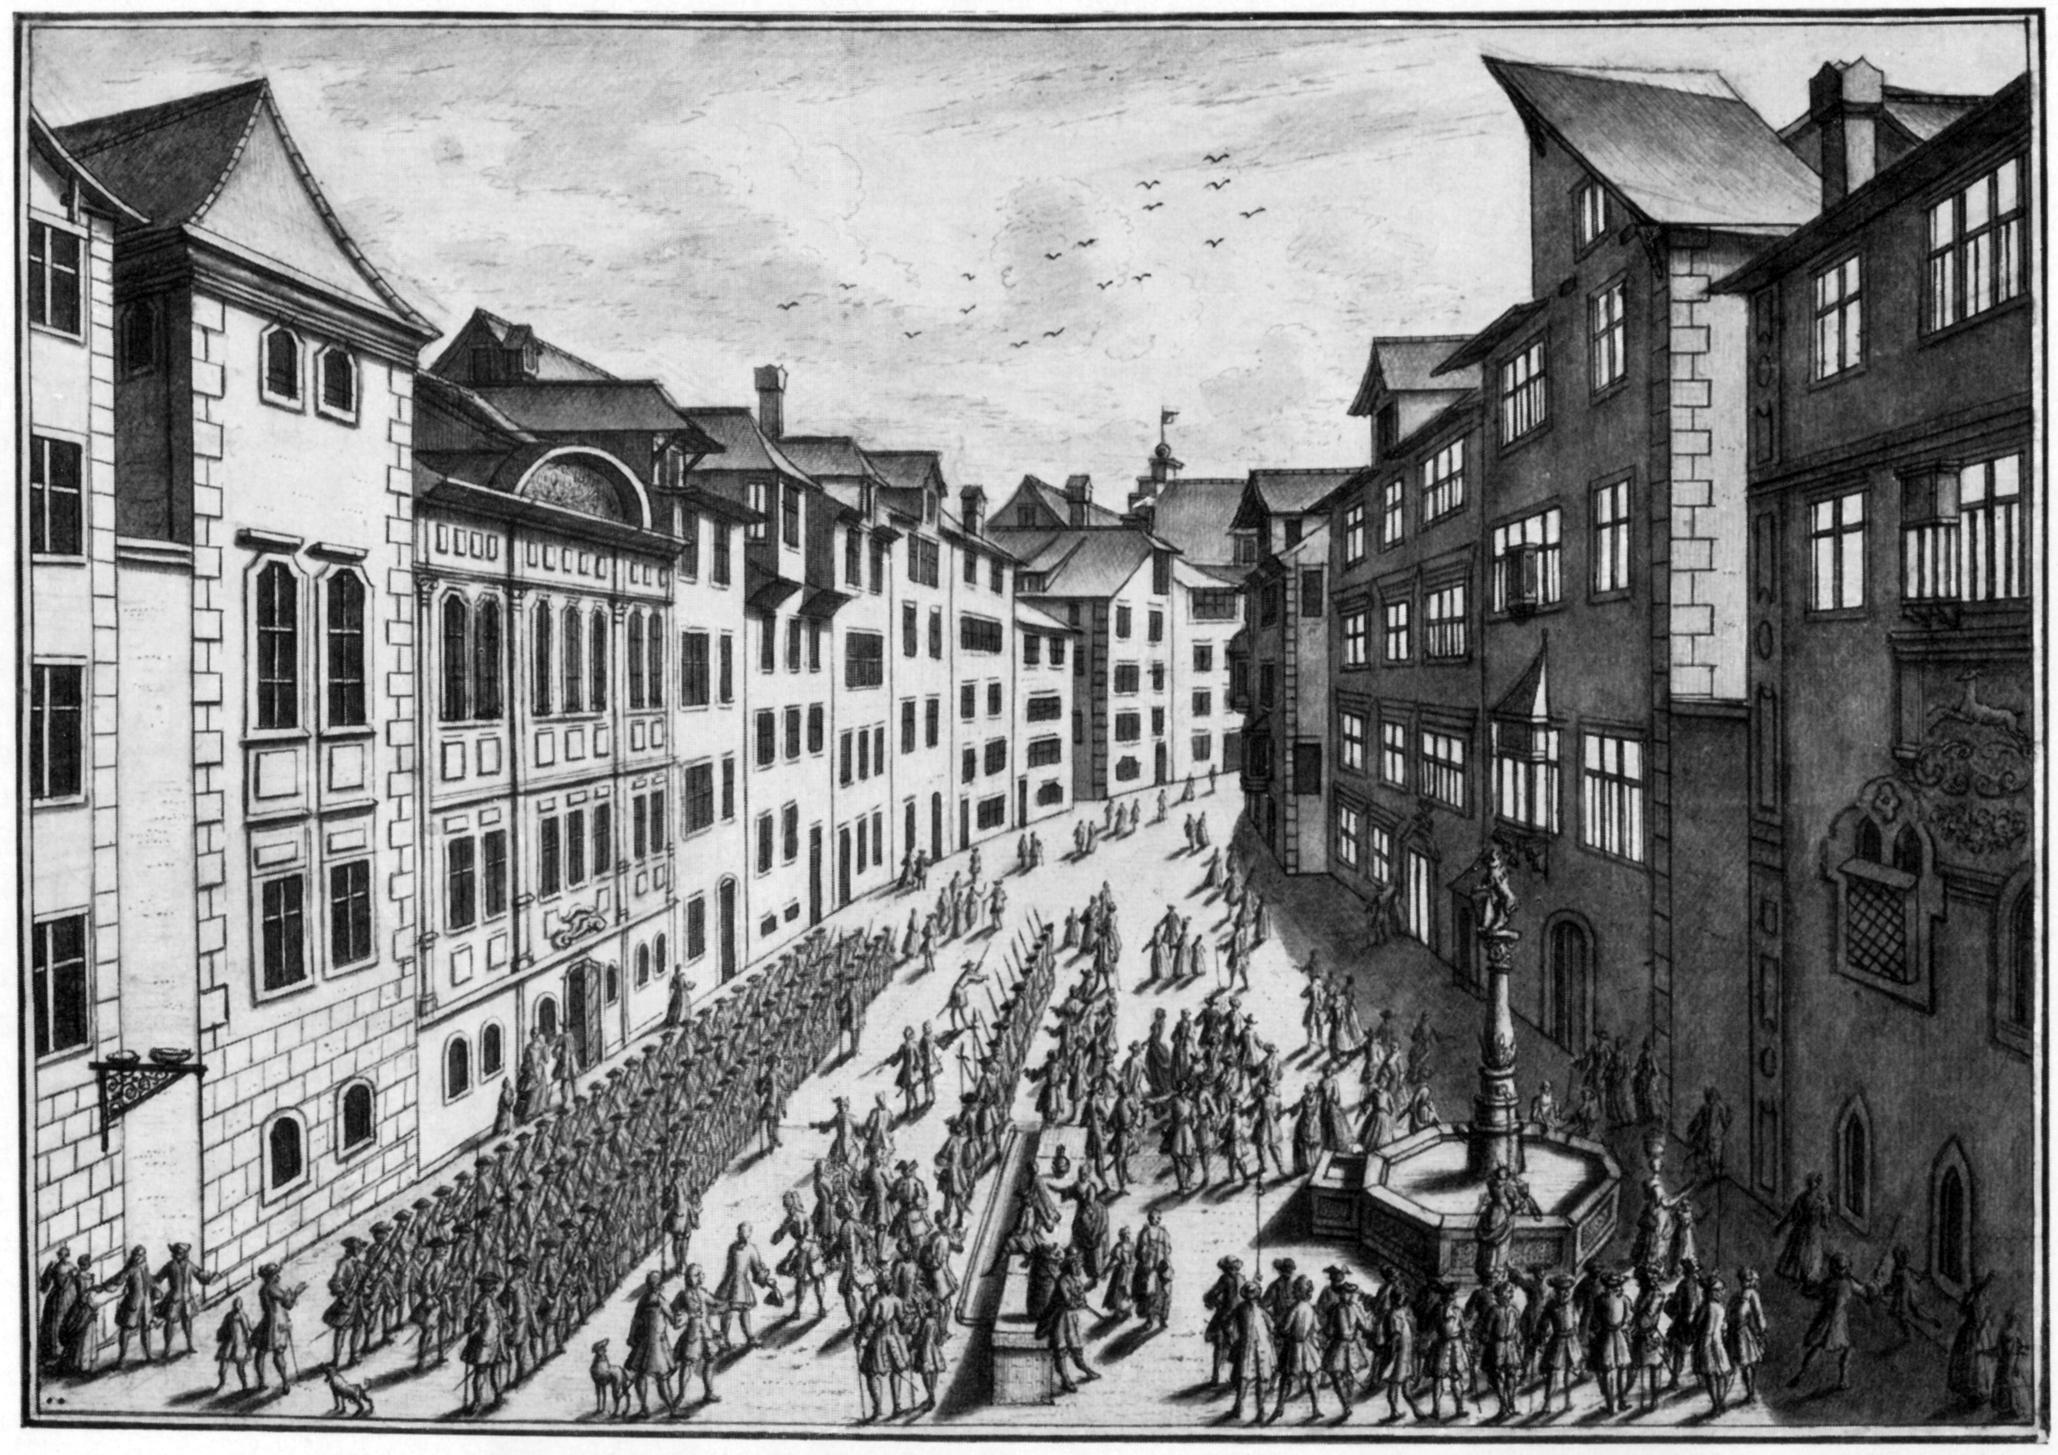 File:Uehlinger Neumarkt 1750.jpg